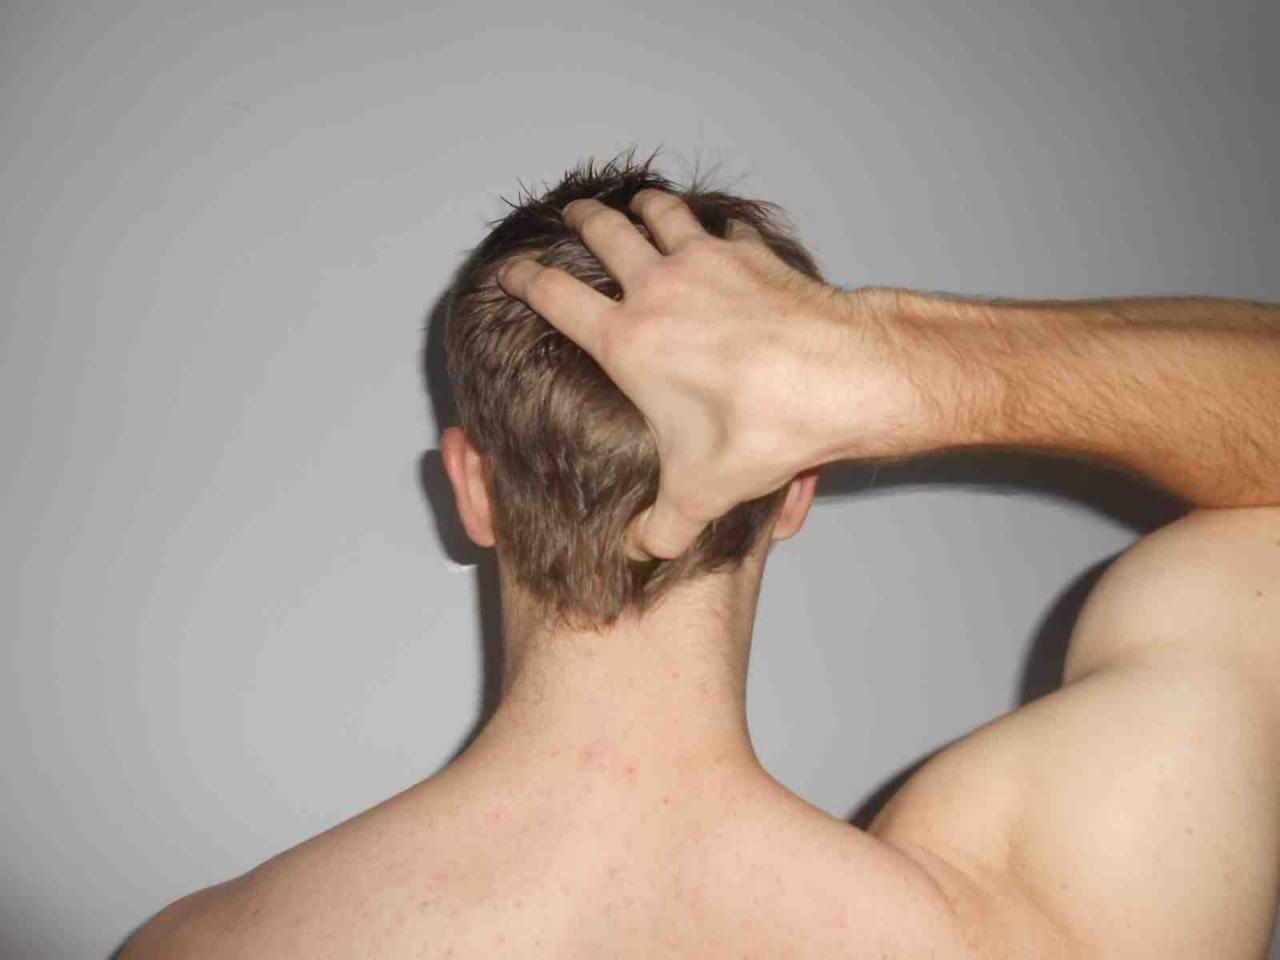 صورة ضغط الراس من الخلف , ما هى اسباب ضغط الراس من الخلف